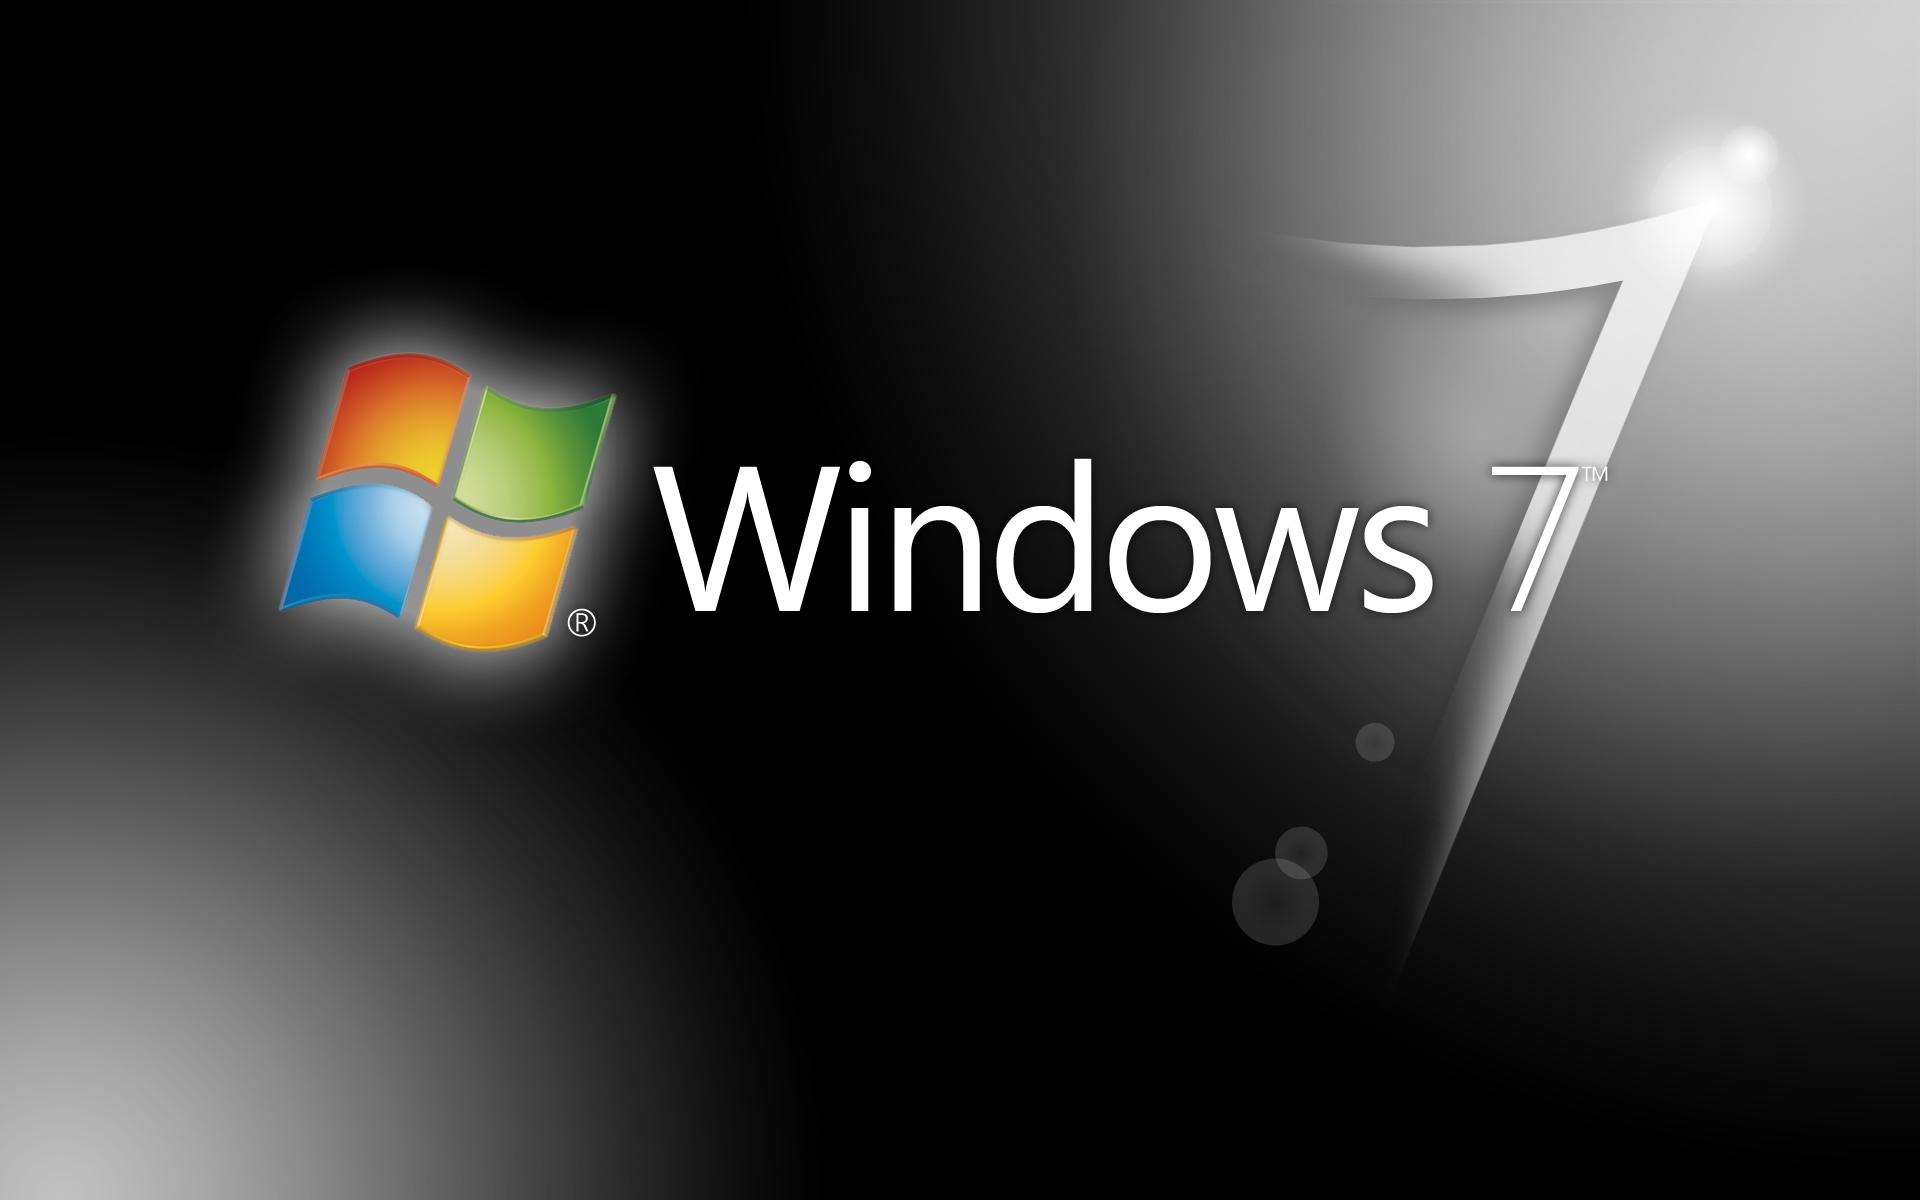 Обои для рабочего стола Windows 7 Windows Компьютеры